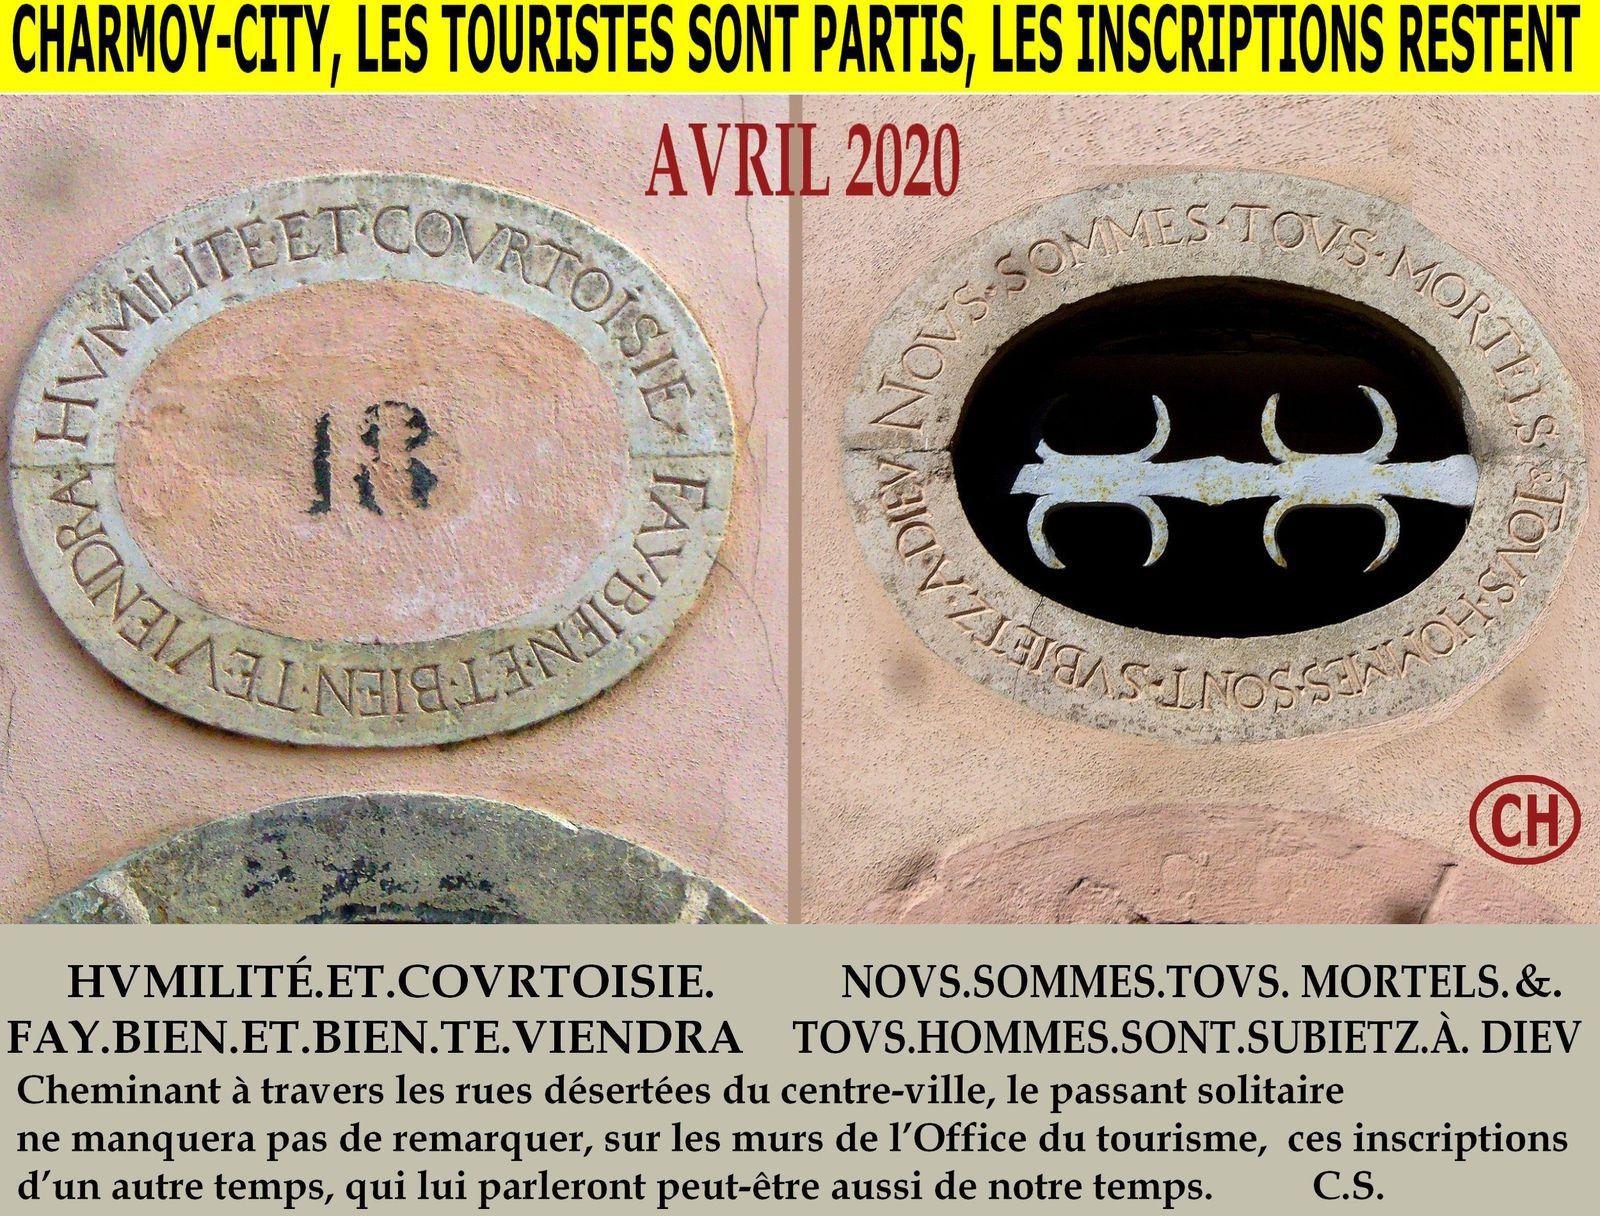 Charmoy-City, les touristes sont partis, les inscriptions restent.jpg